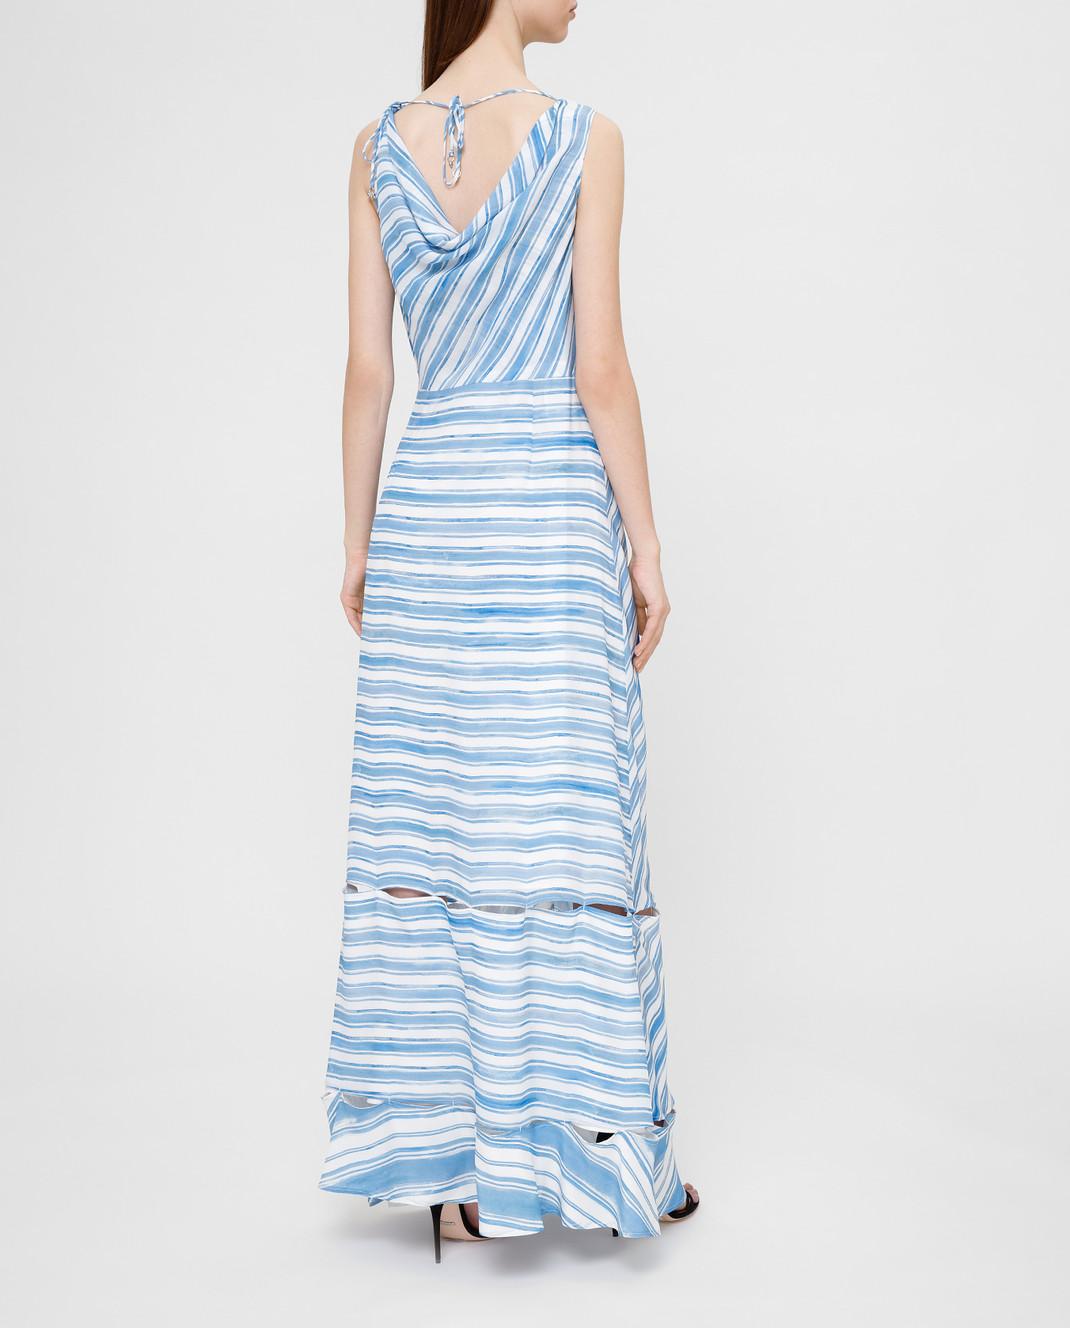 Altuzarra Голубое платье из шелка изображение 4